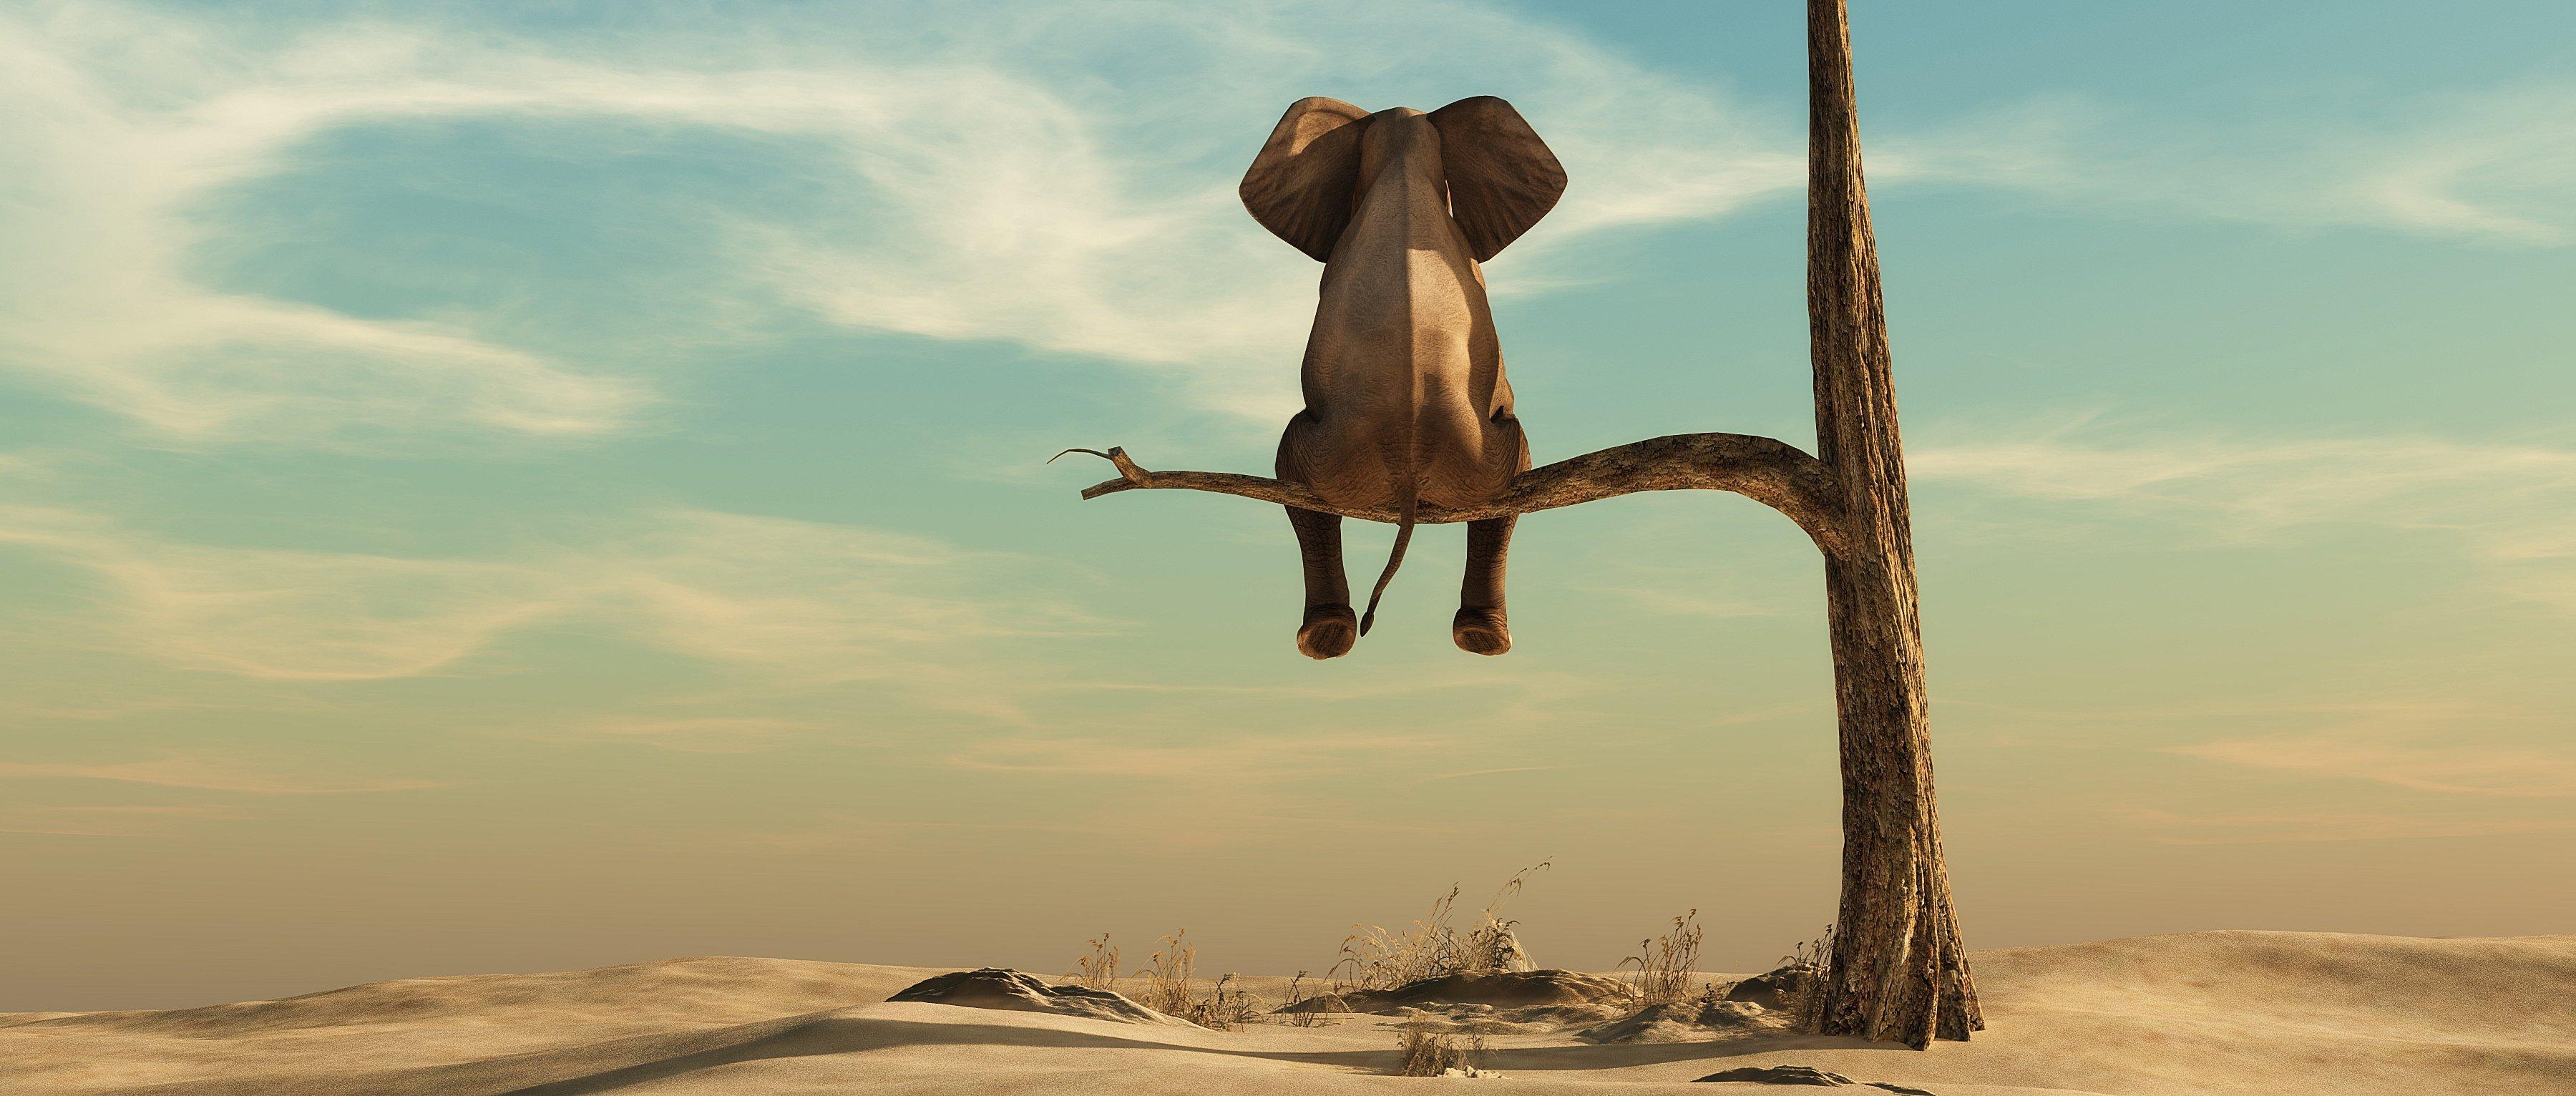 Elephant_declinaison1